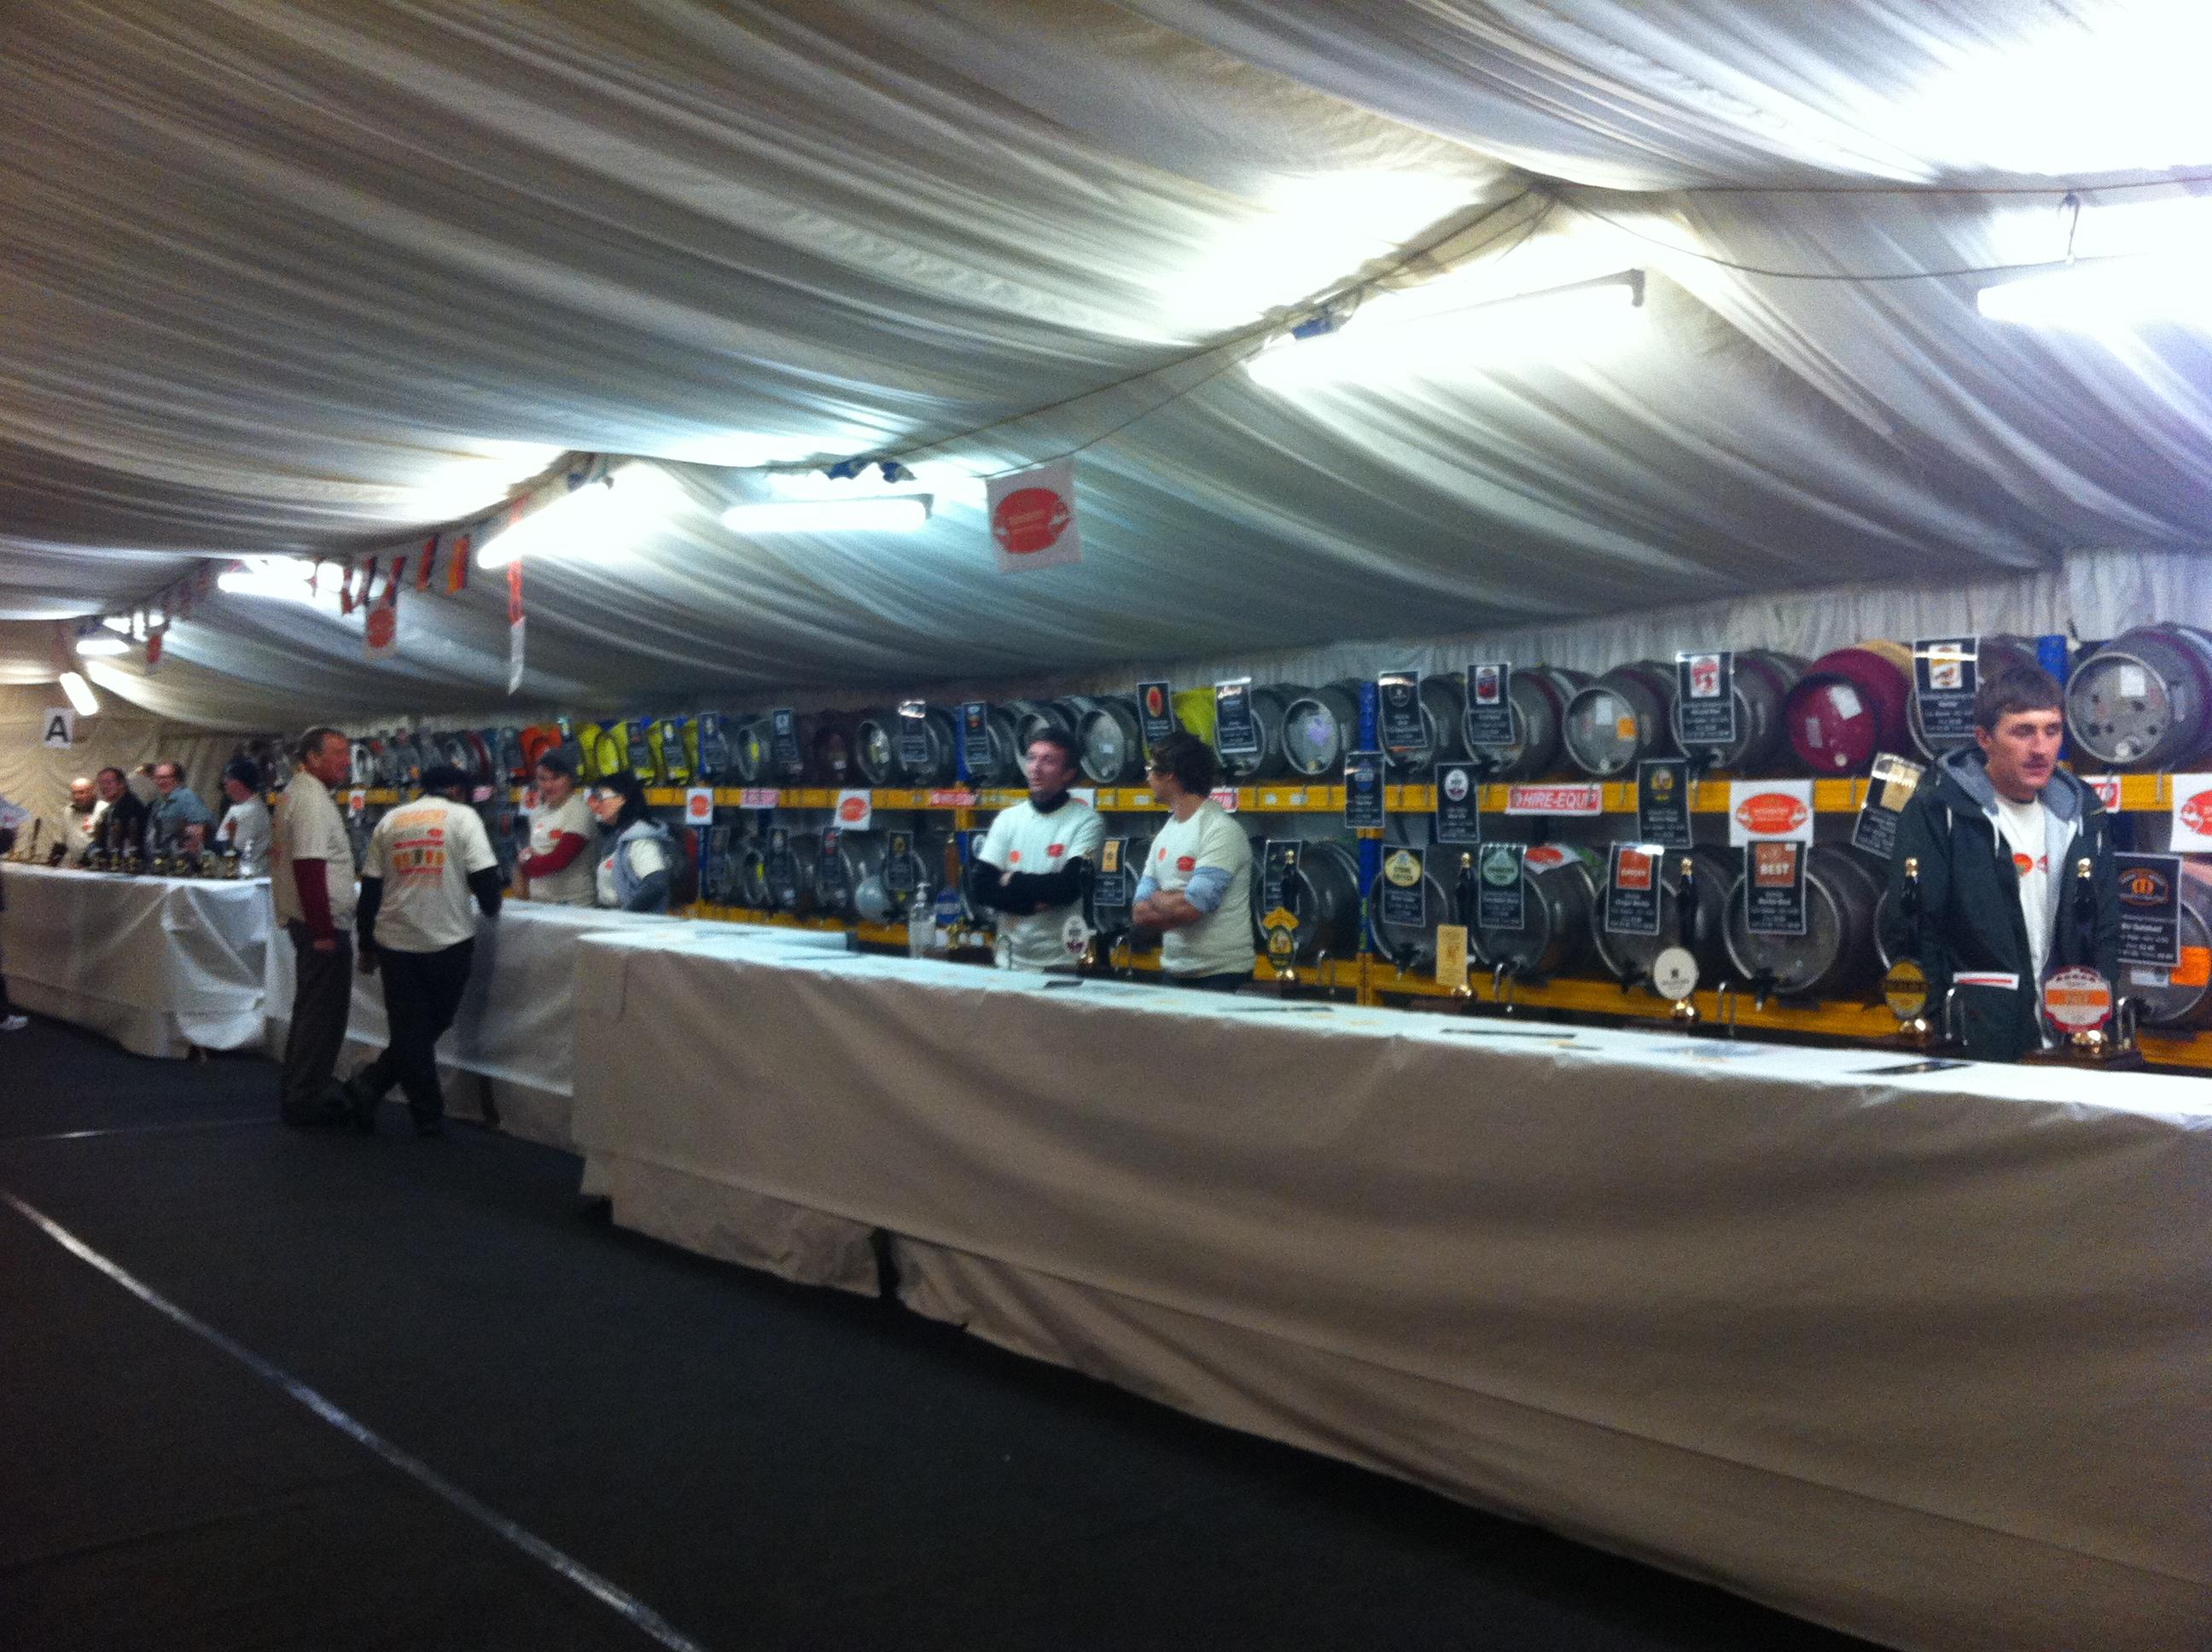 Didsbury Food Festival